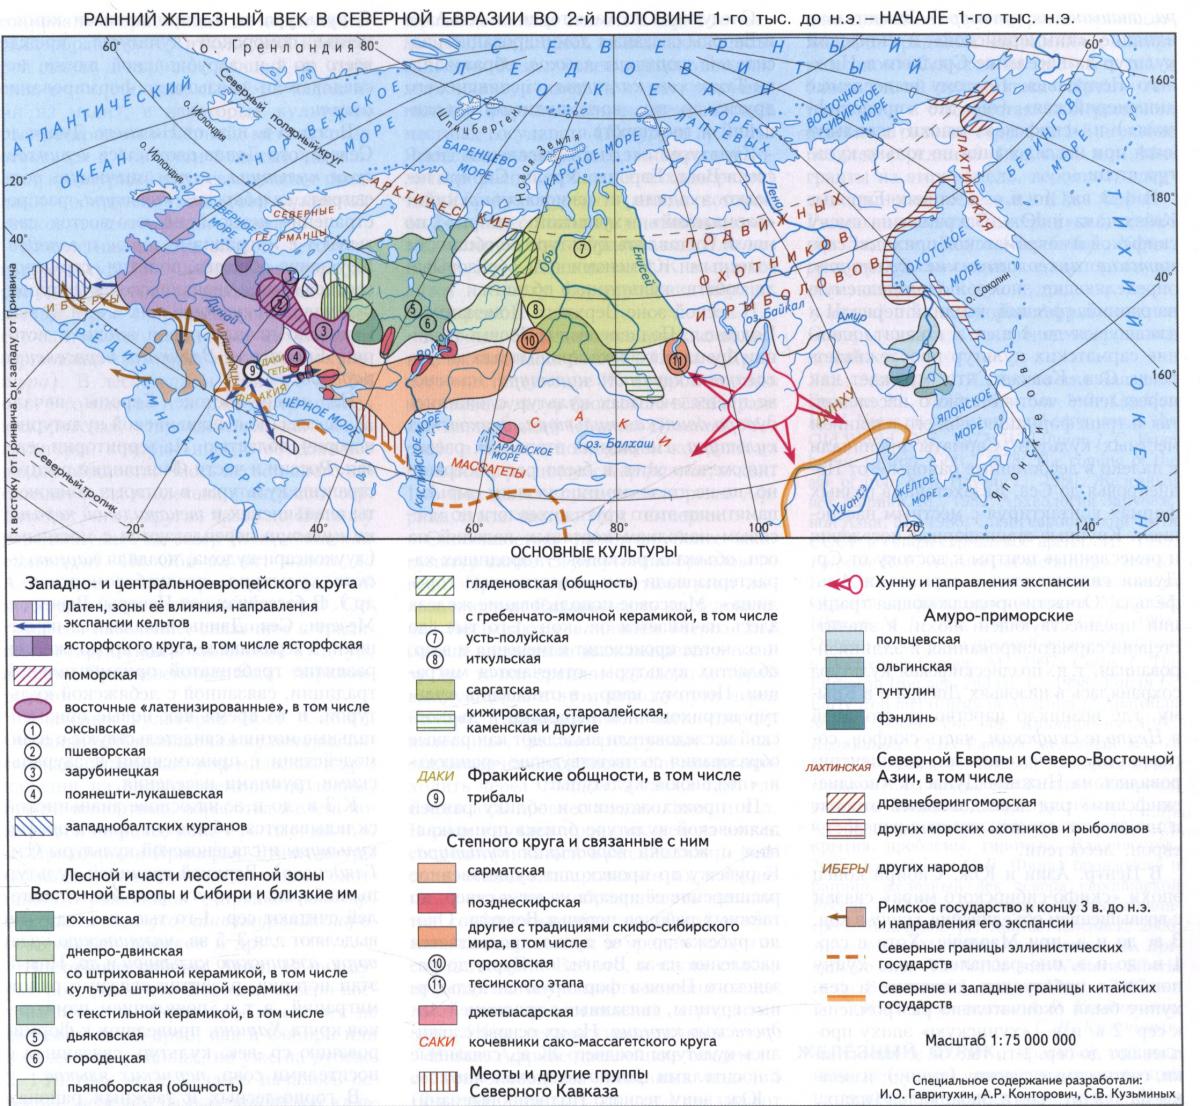 Первые курганы на территории северного кавказа появляются в эпоху ранней бронзы (iii тыс до н э